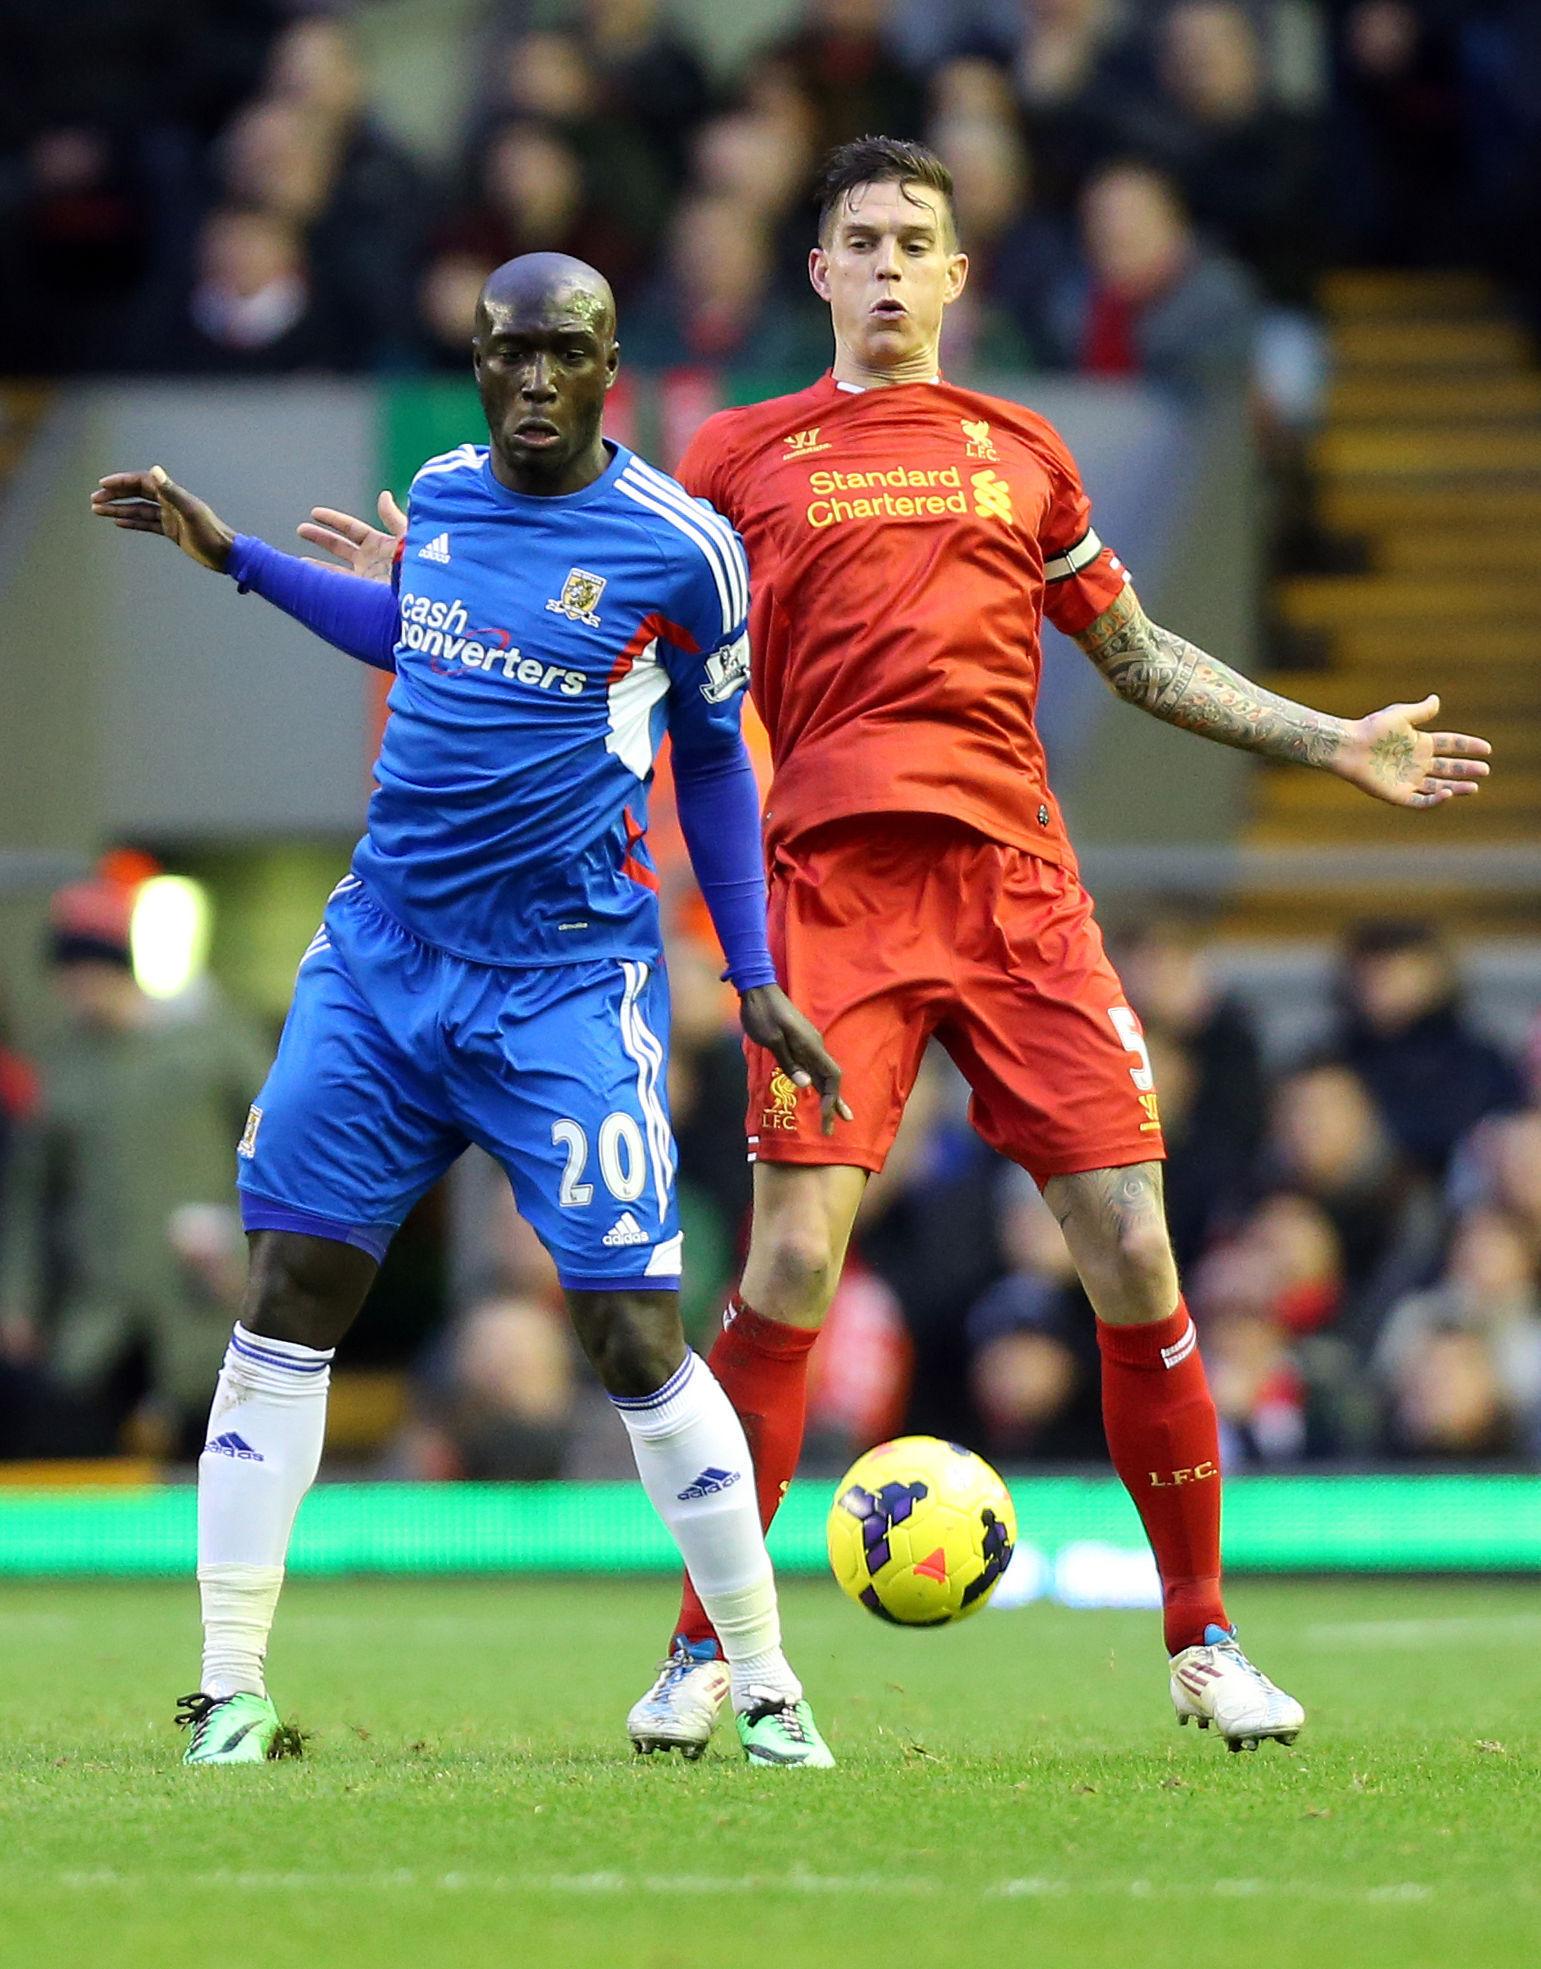 britain_soccer_premier_league-4769fb968b_r105.jpeg